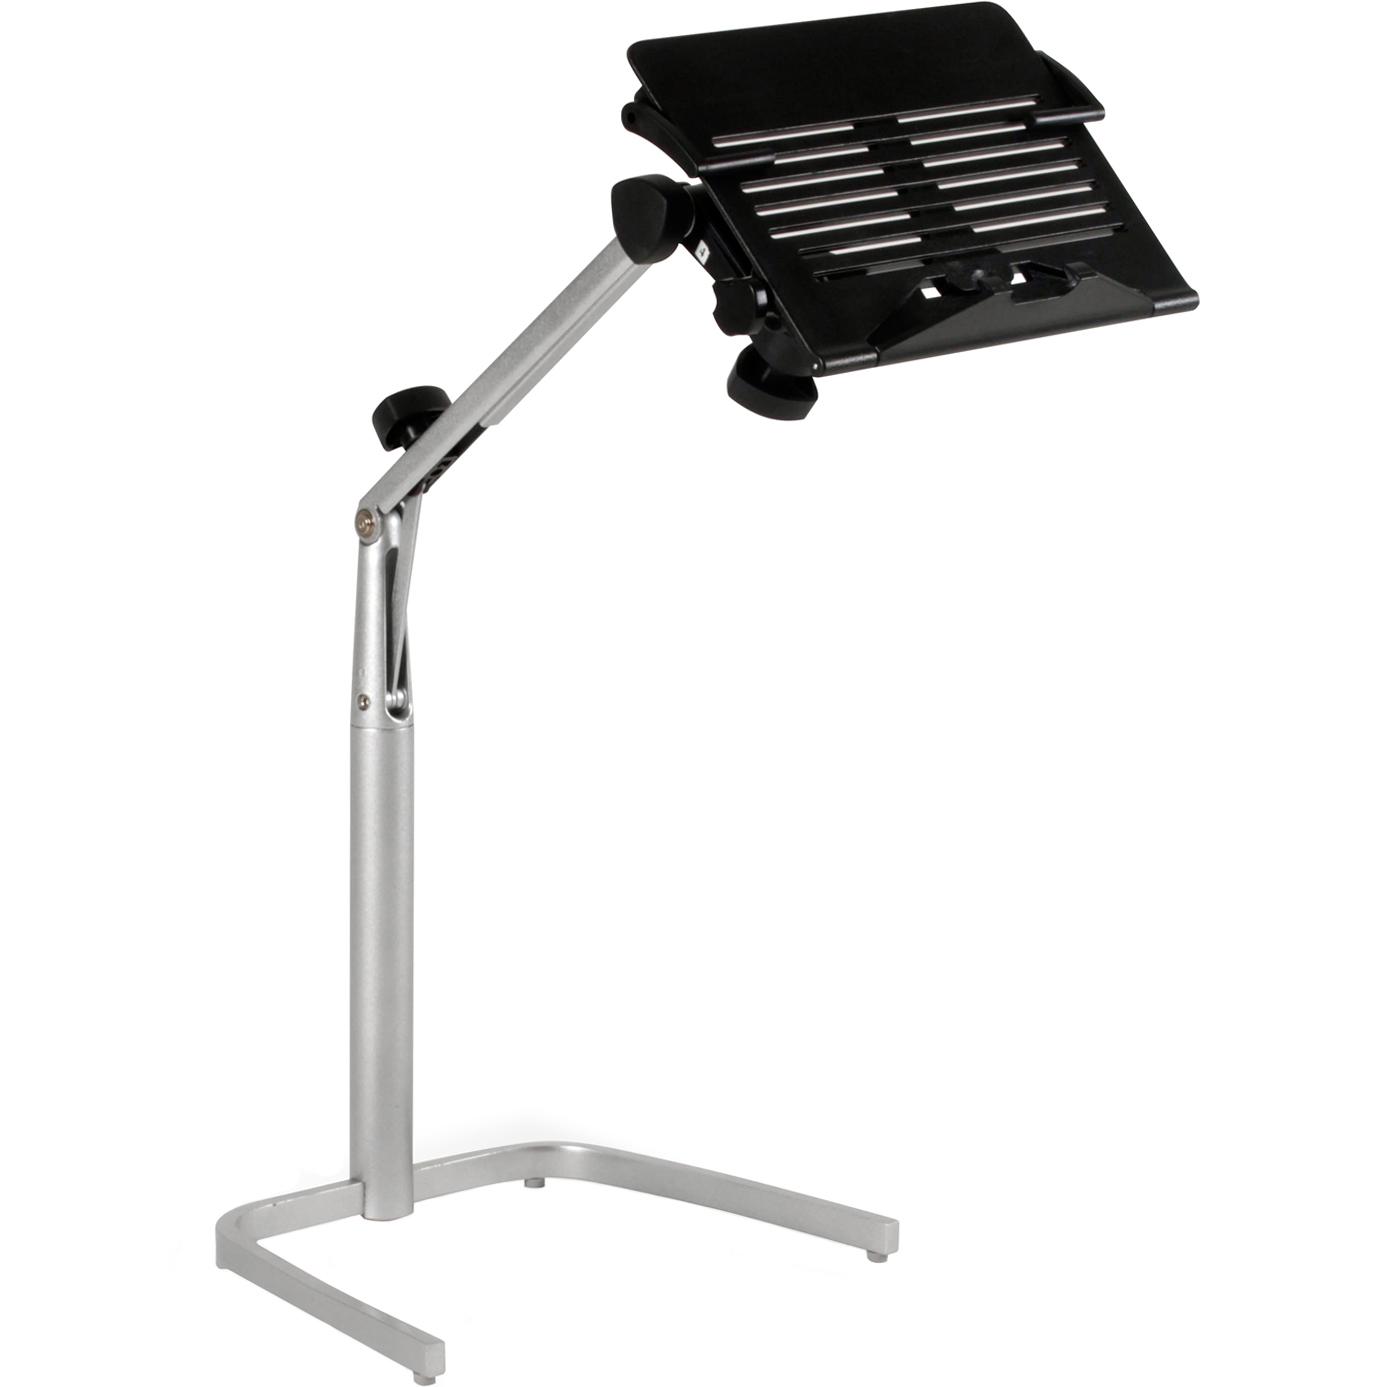 Tablet floor stand in laptop stands tablet floor stand image tyukafo